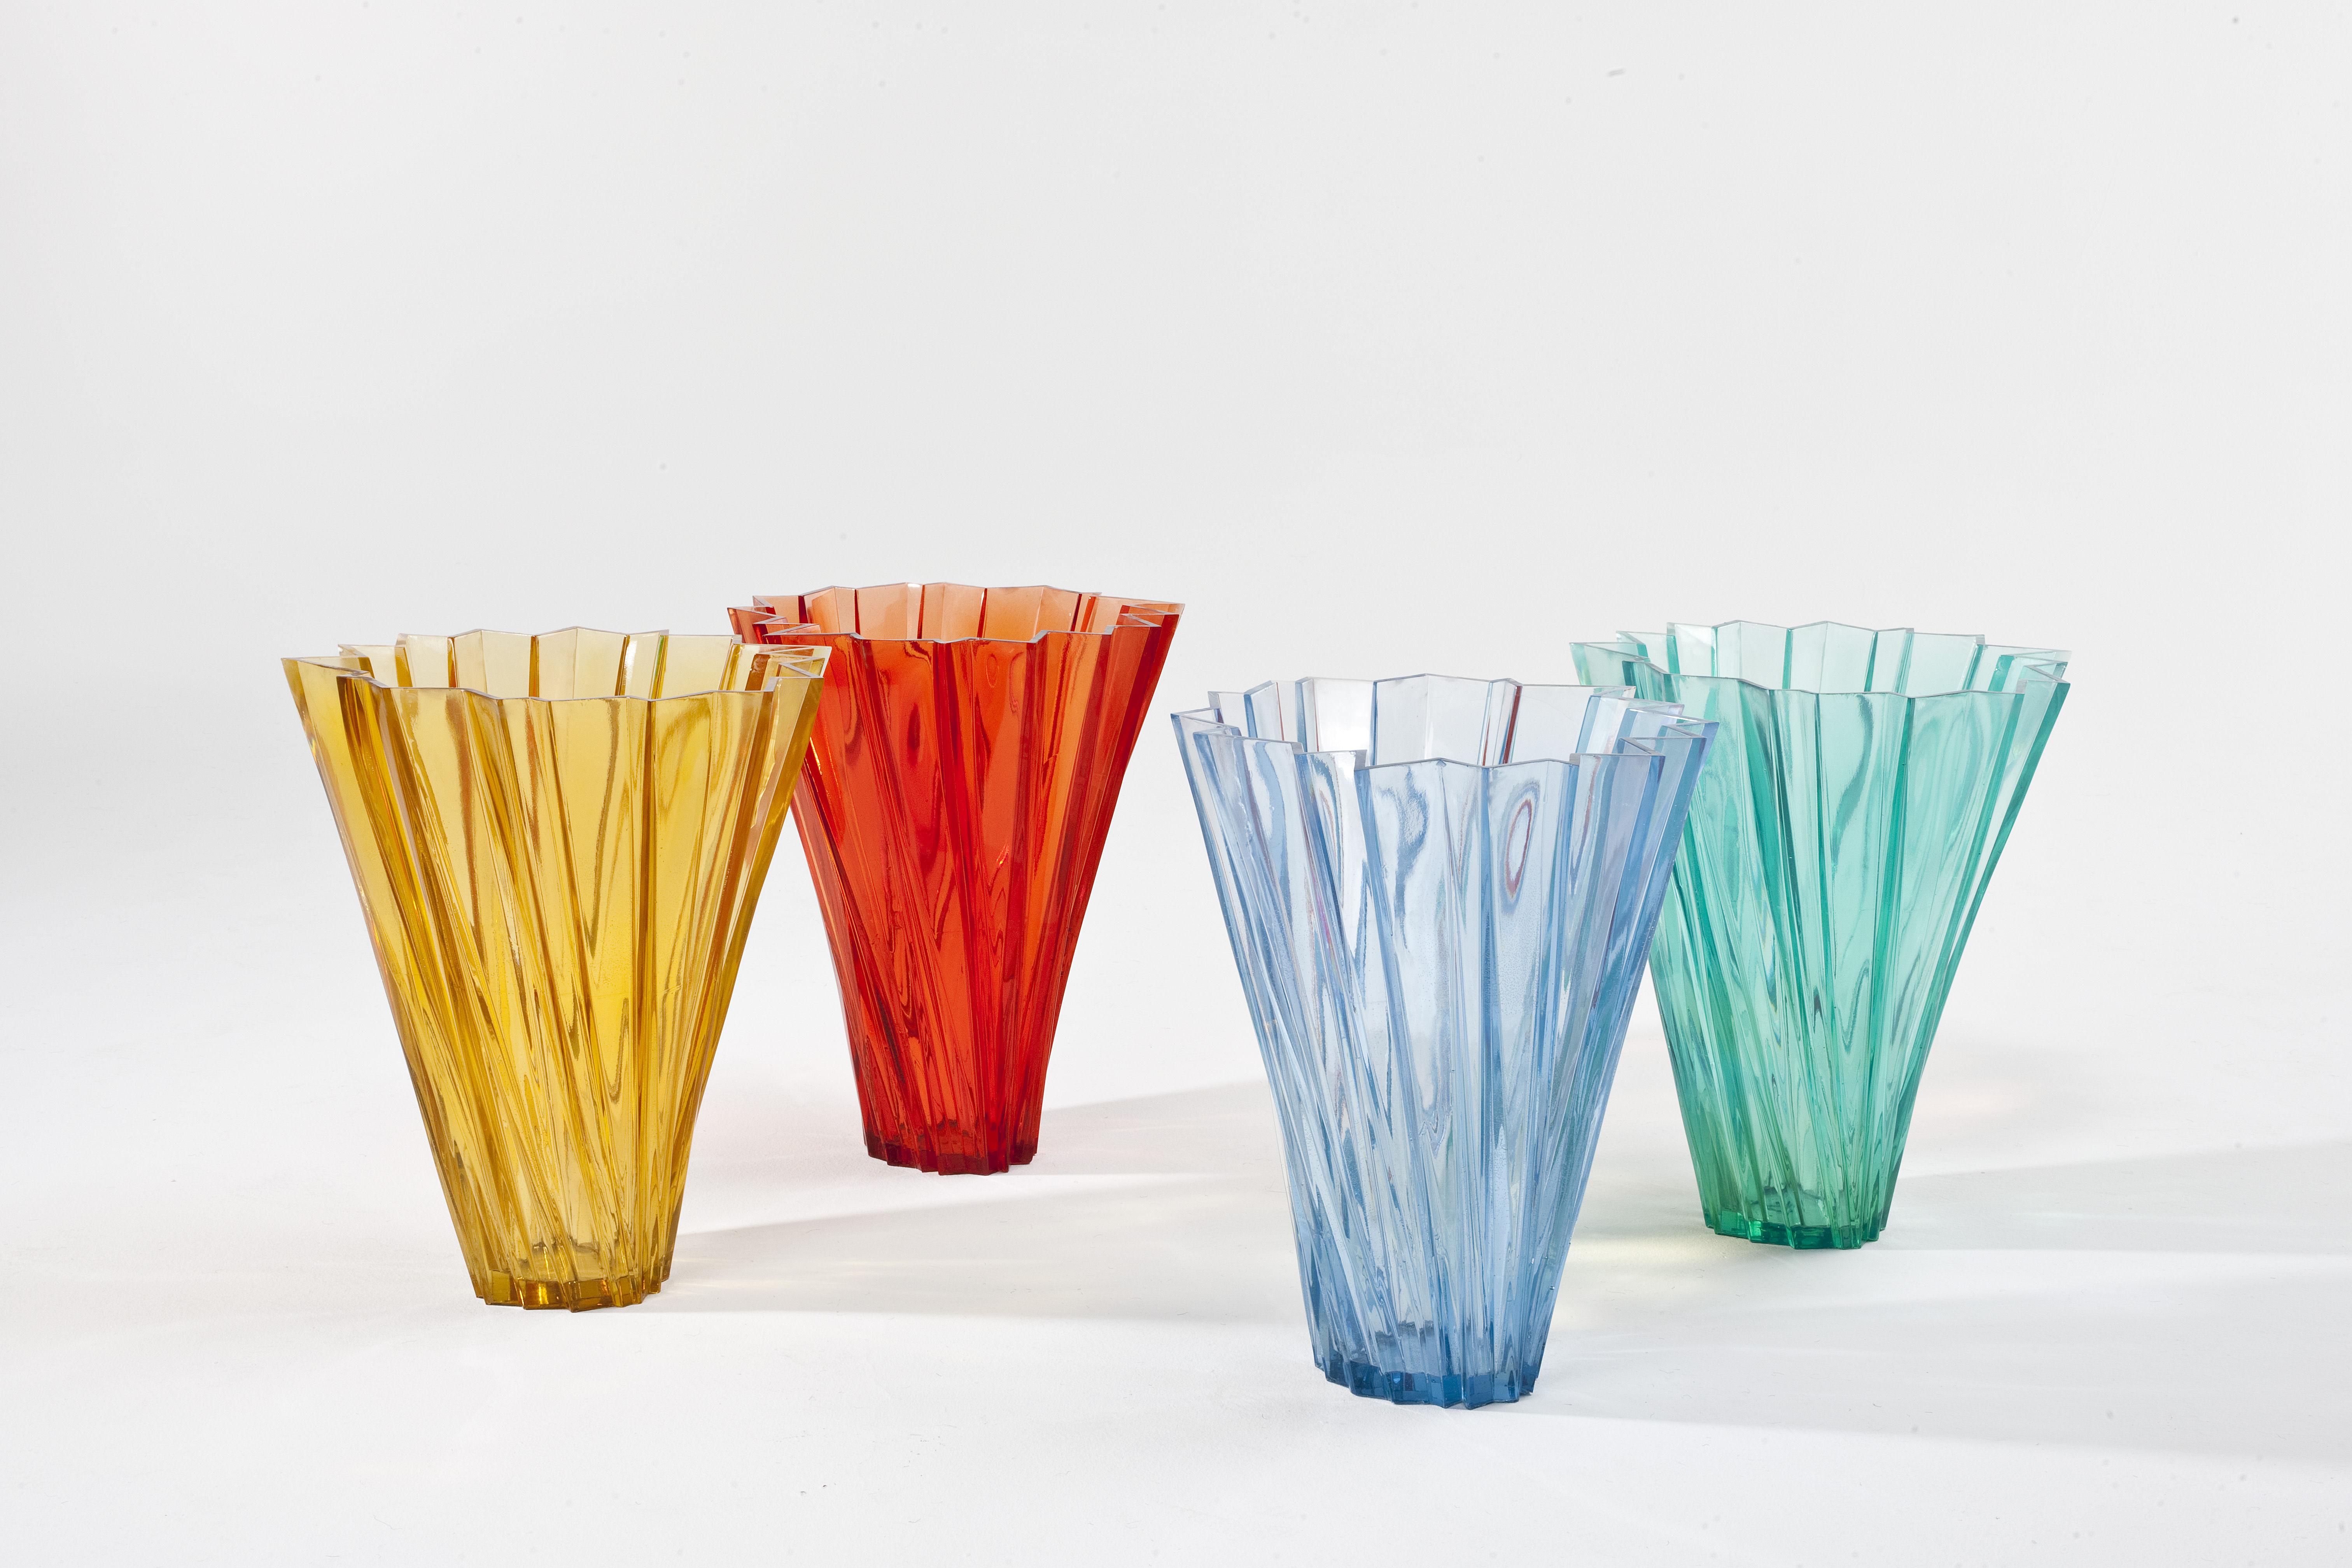 shanghai vase crystal by kartell. Black Bedroom Furniture Sets. Home Design Ideas